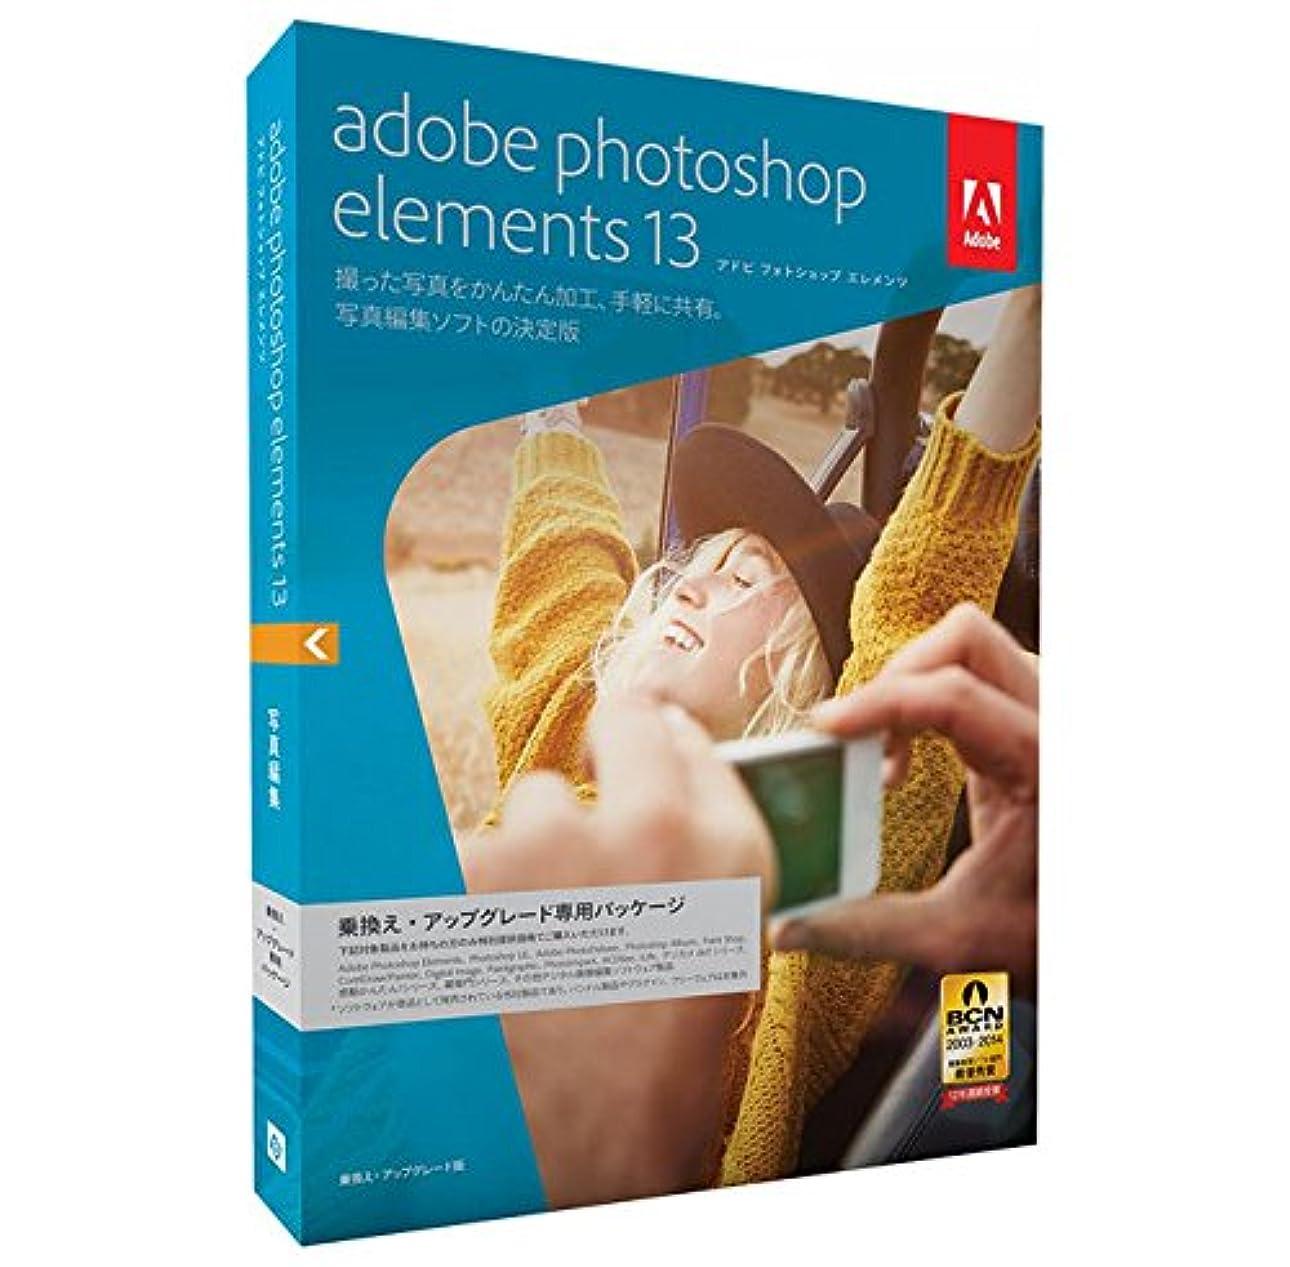 り変換する影響するAdobe Photoshop Elements 13 乗換え?アップグレード版 Windows/Macintosh版(Elements 14への無償アップグレード対象商品 2015/12/24まで)